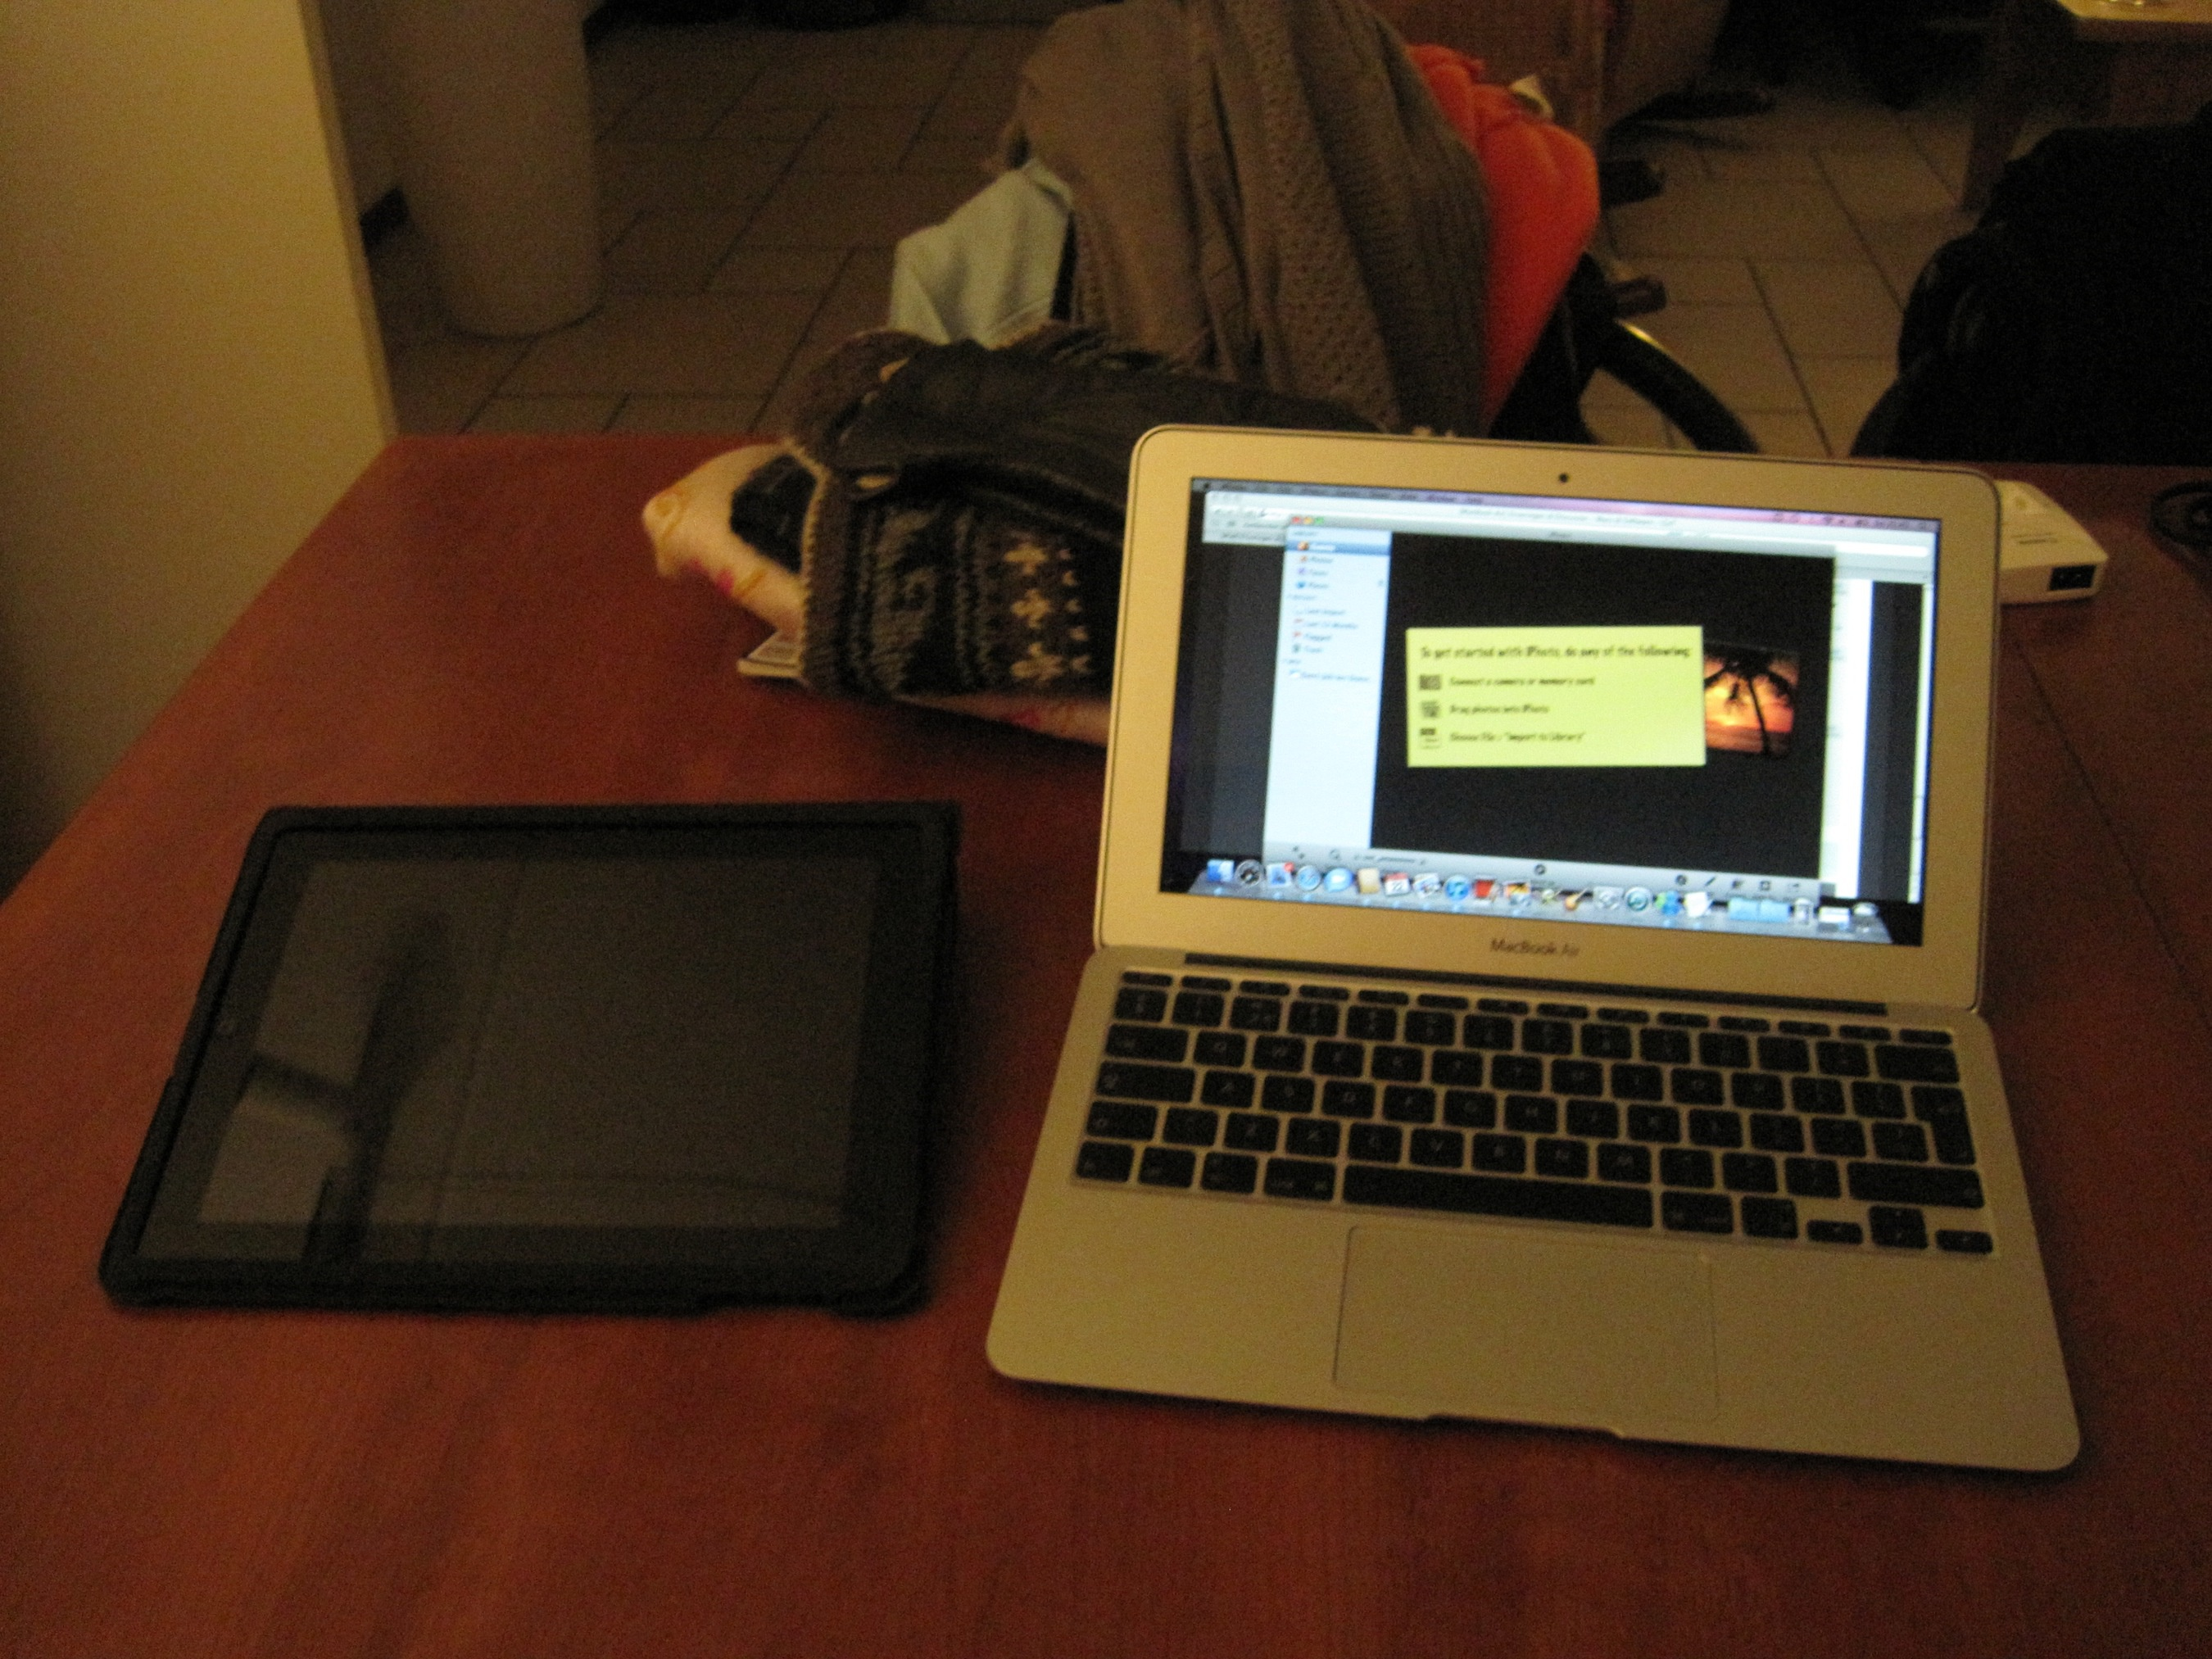 MacBook Luxusn Mac notebooky skladem IPhone 6s review: onze ervaringen met de iPhone 6s (Plus IPhone 8 Plus: complete overzicht met nieuws, functies